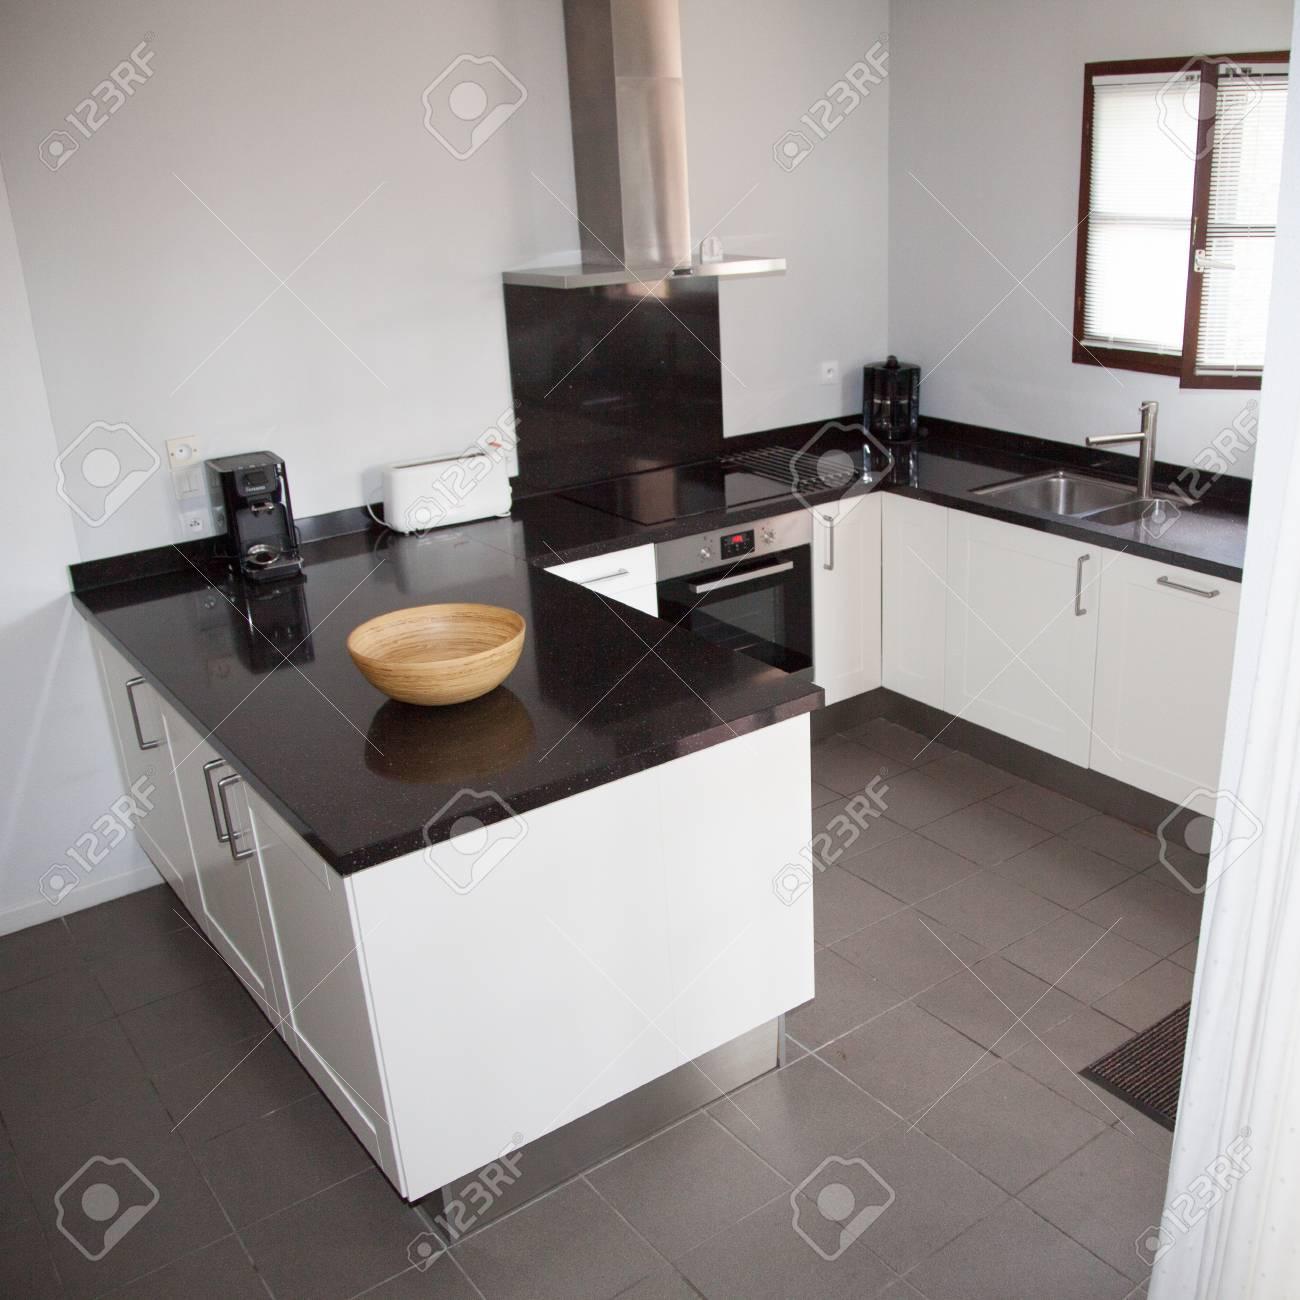 Moderne Und Saubere Küche In Einem Neuen Haus Lizenzfreie Fotos ...